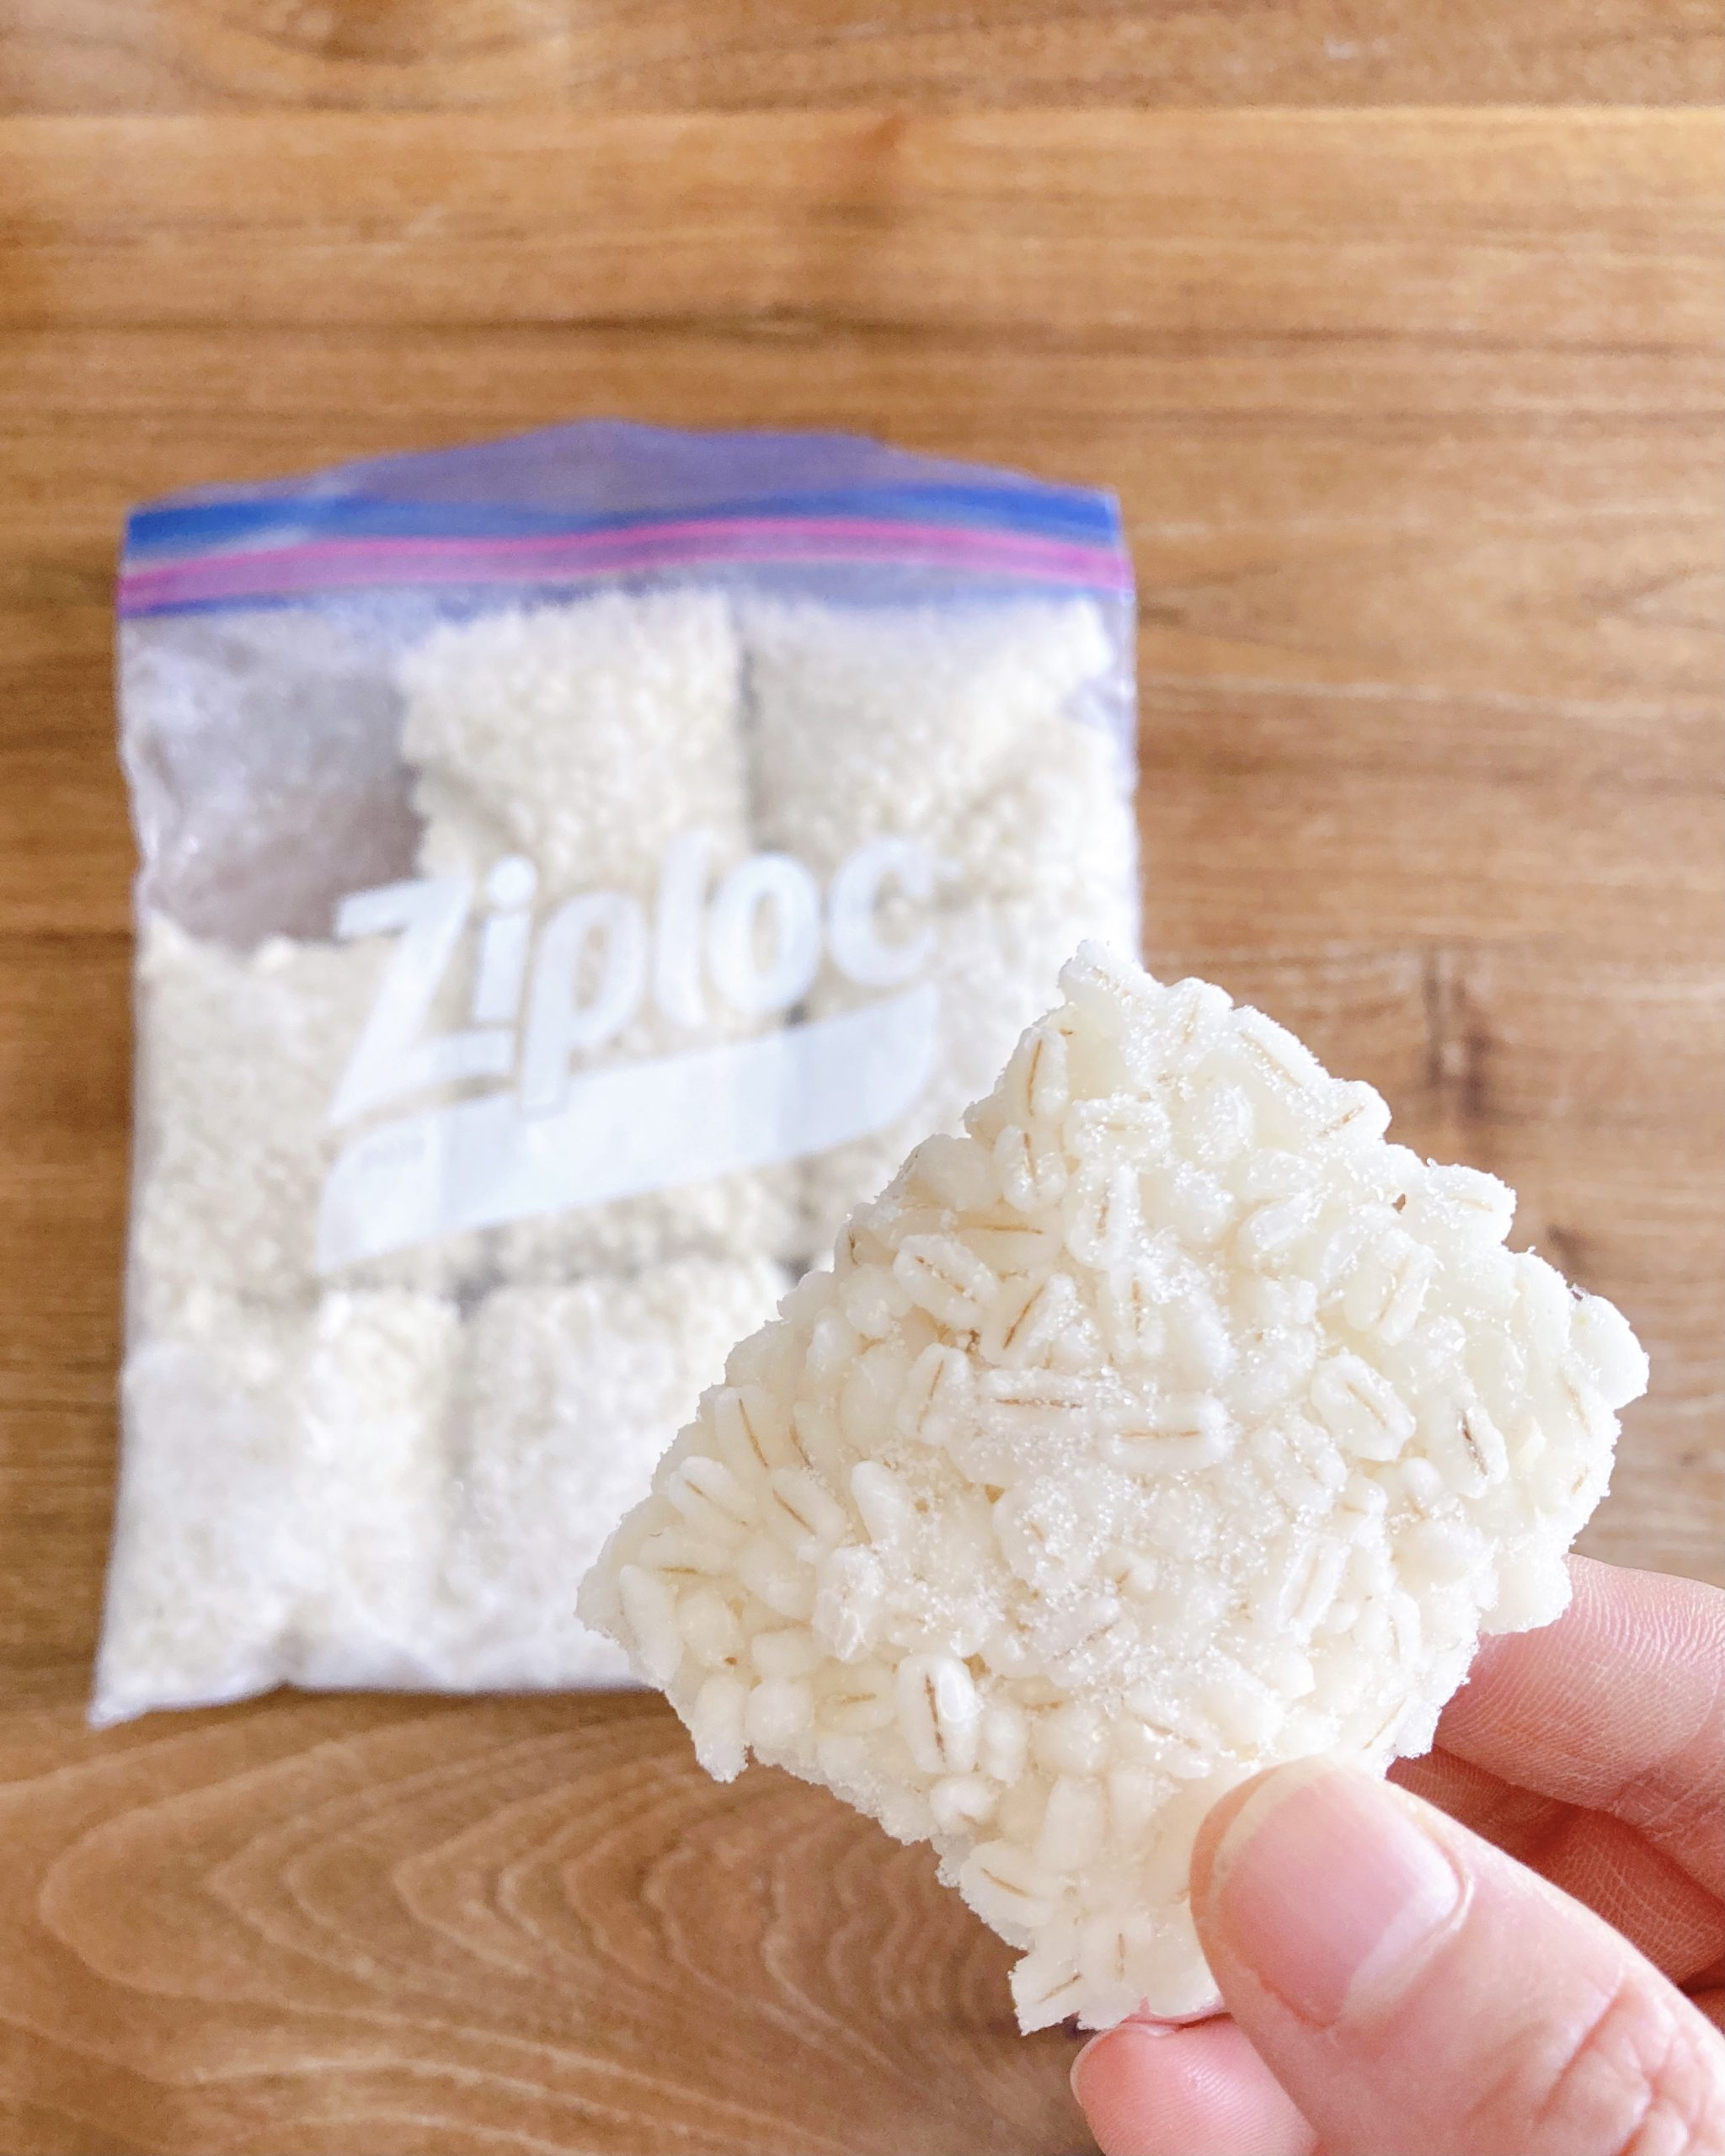 ※茹でたもち麦を小分けにして冷凍しておくと、少量でもさっと使えて便利です。